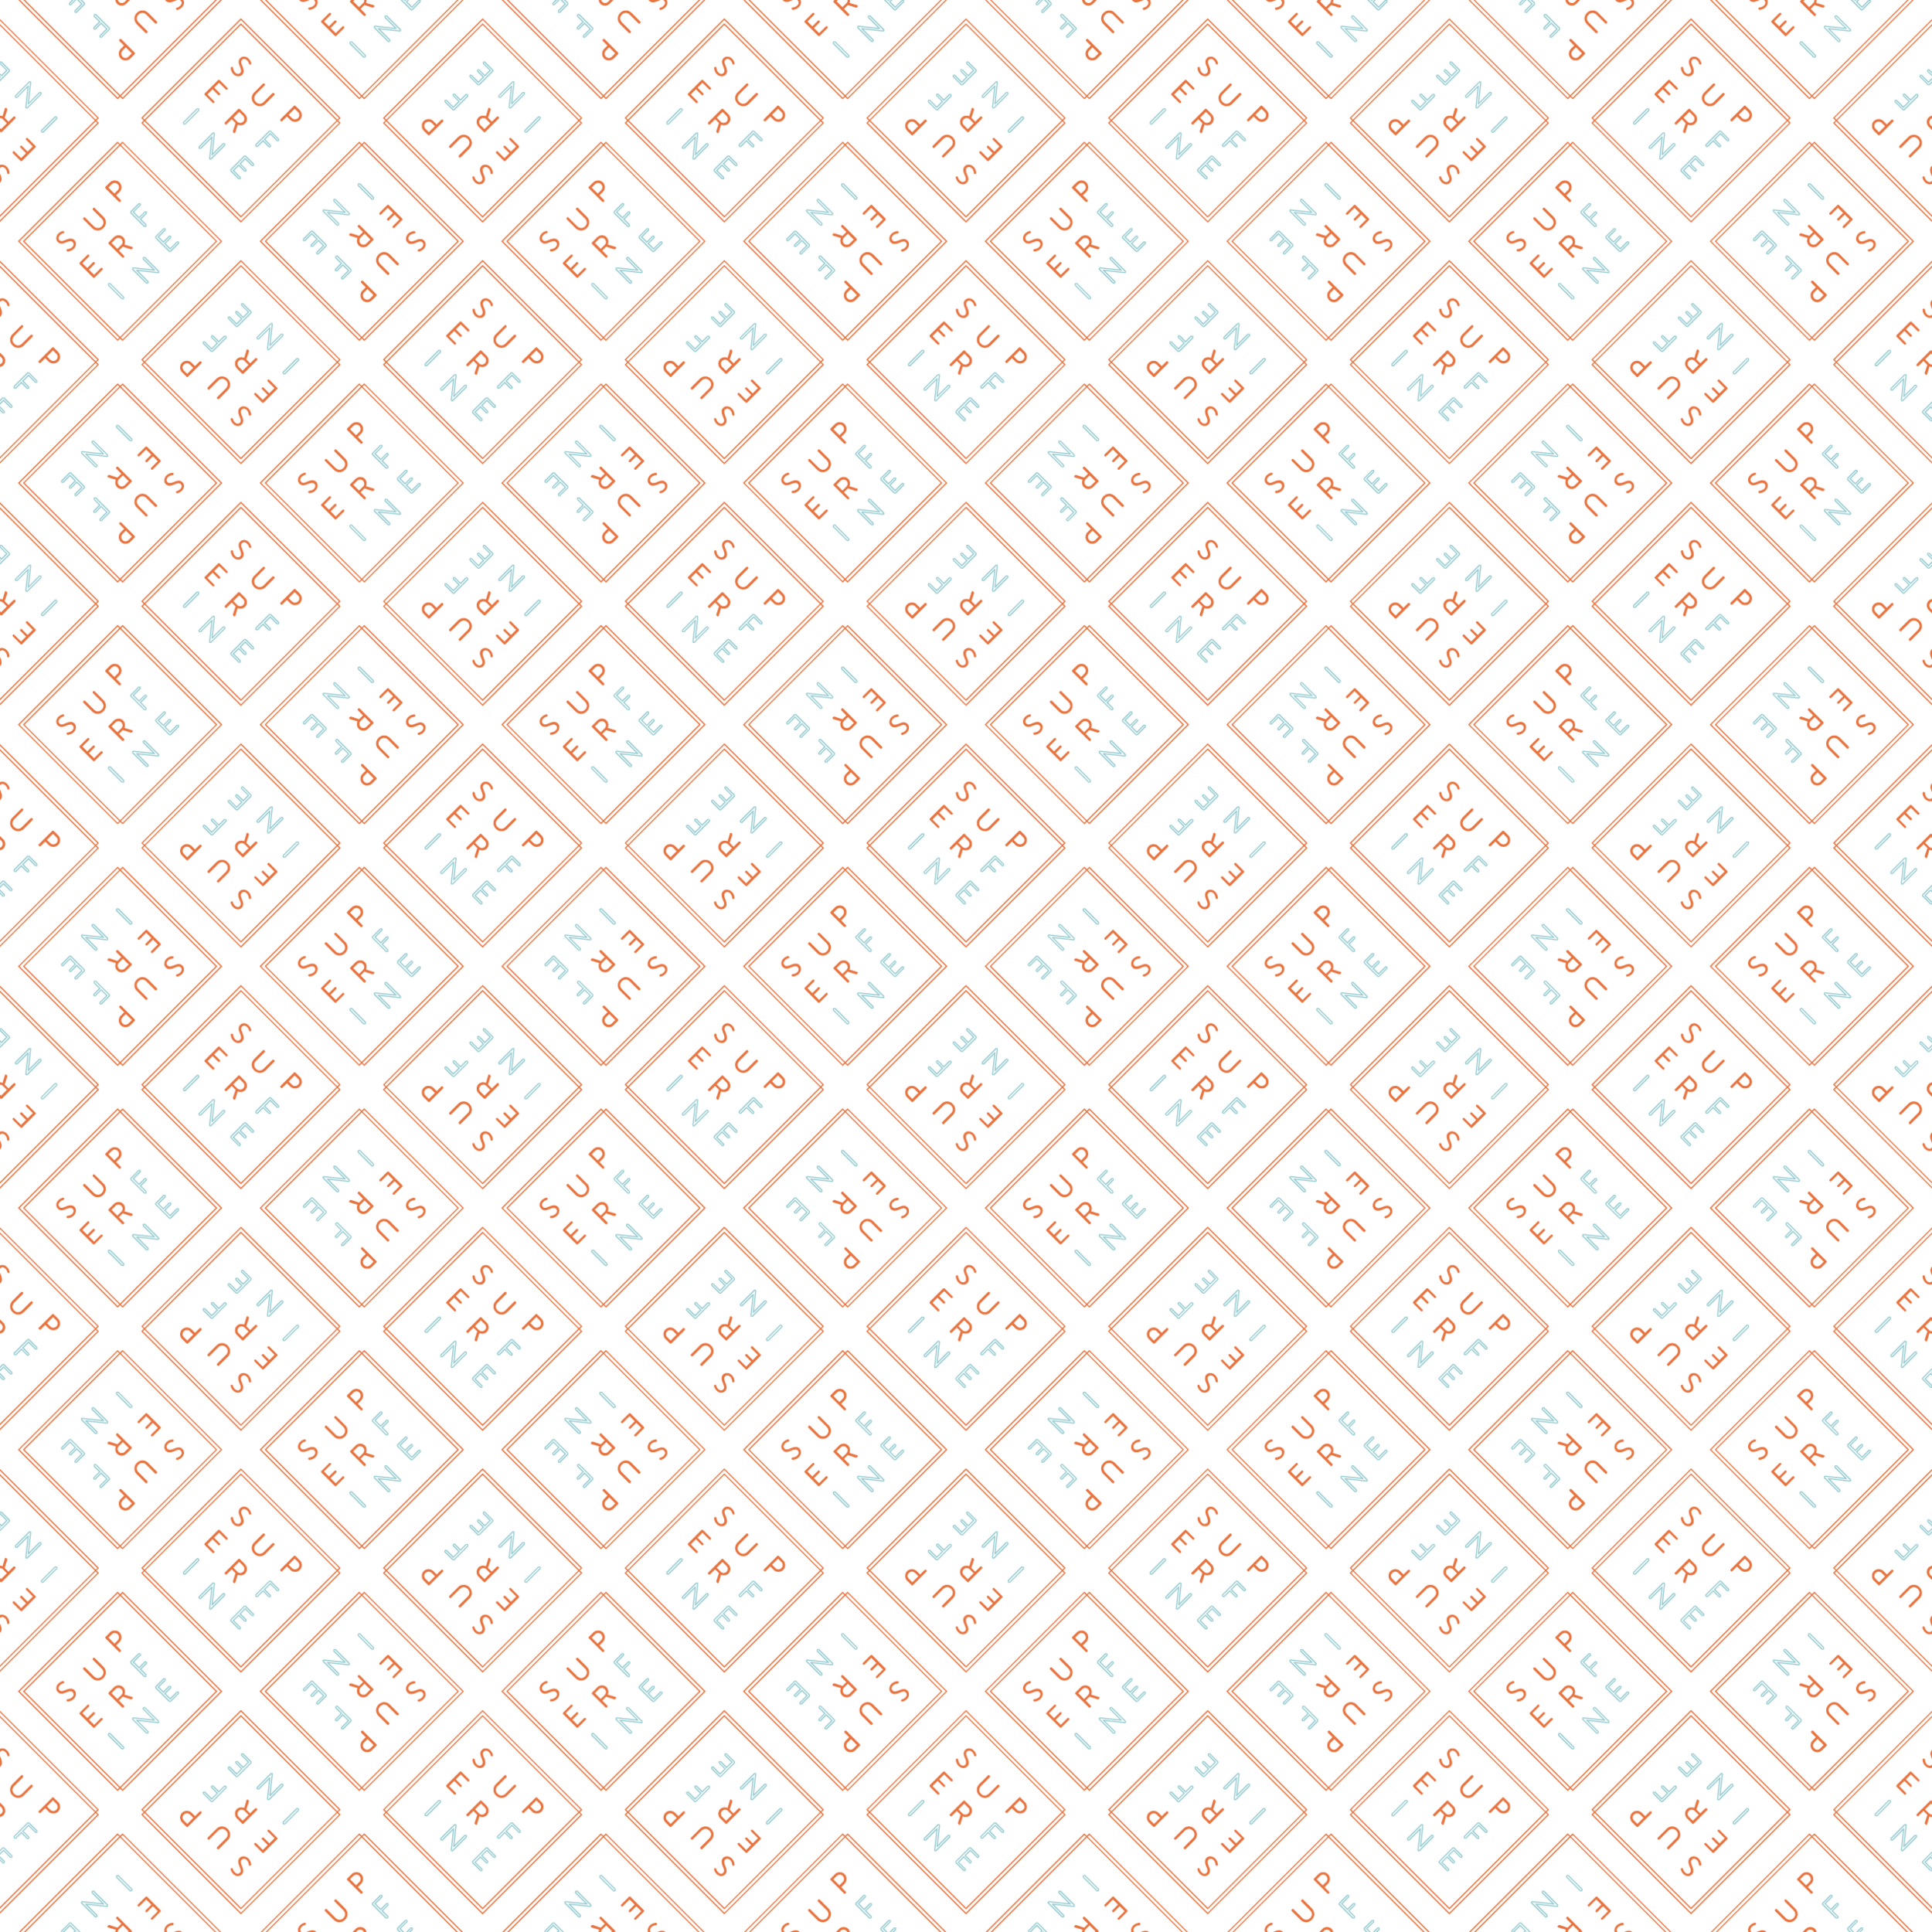 kim-gee-studio-graphic-design-superfine-pattern